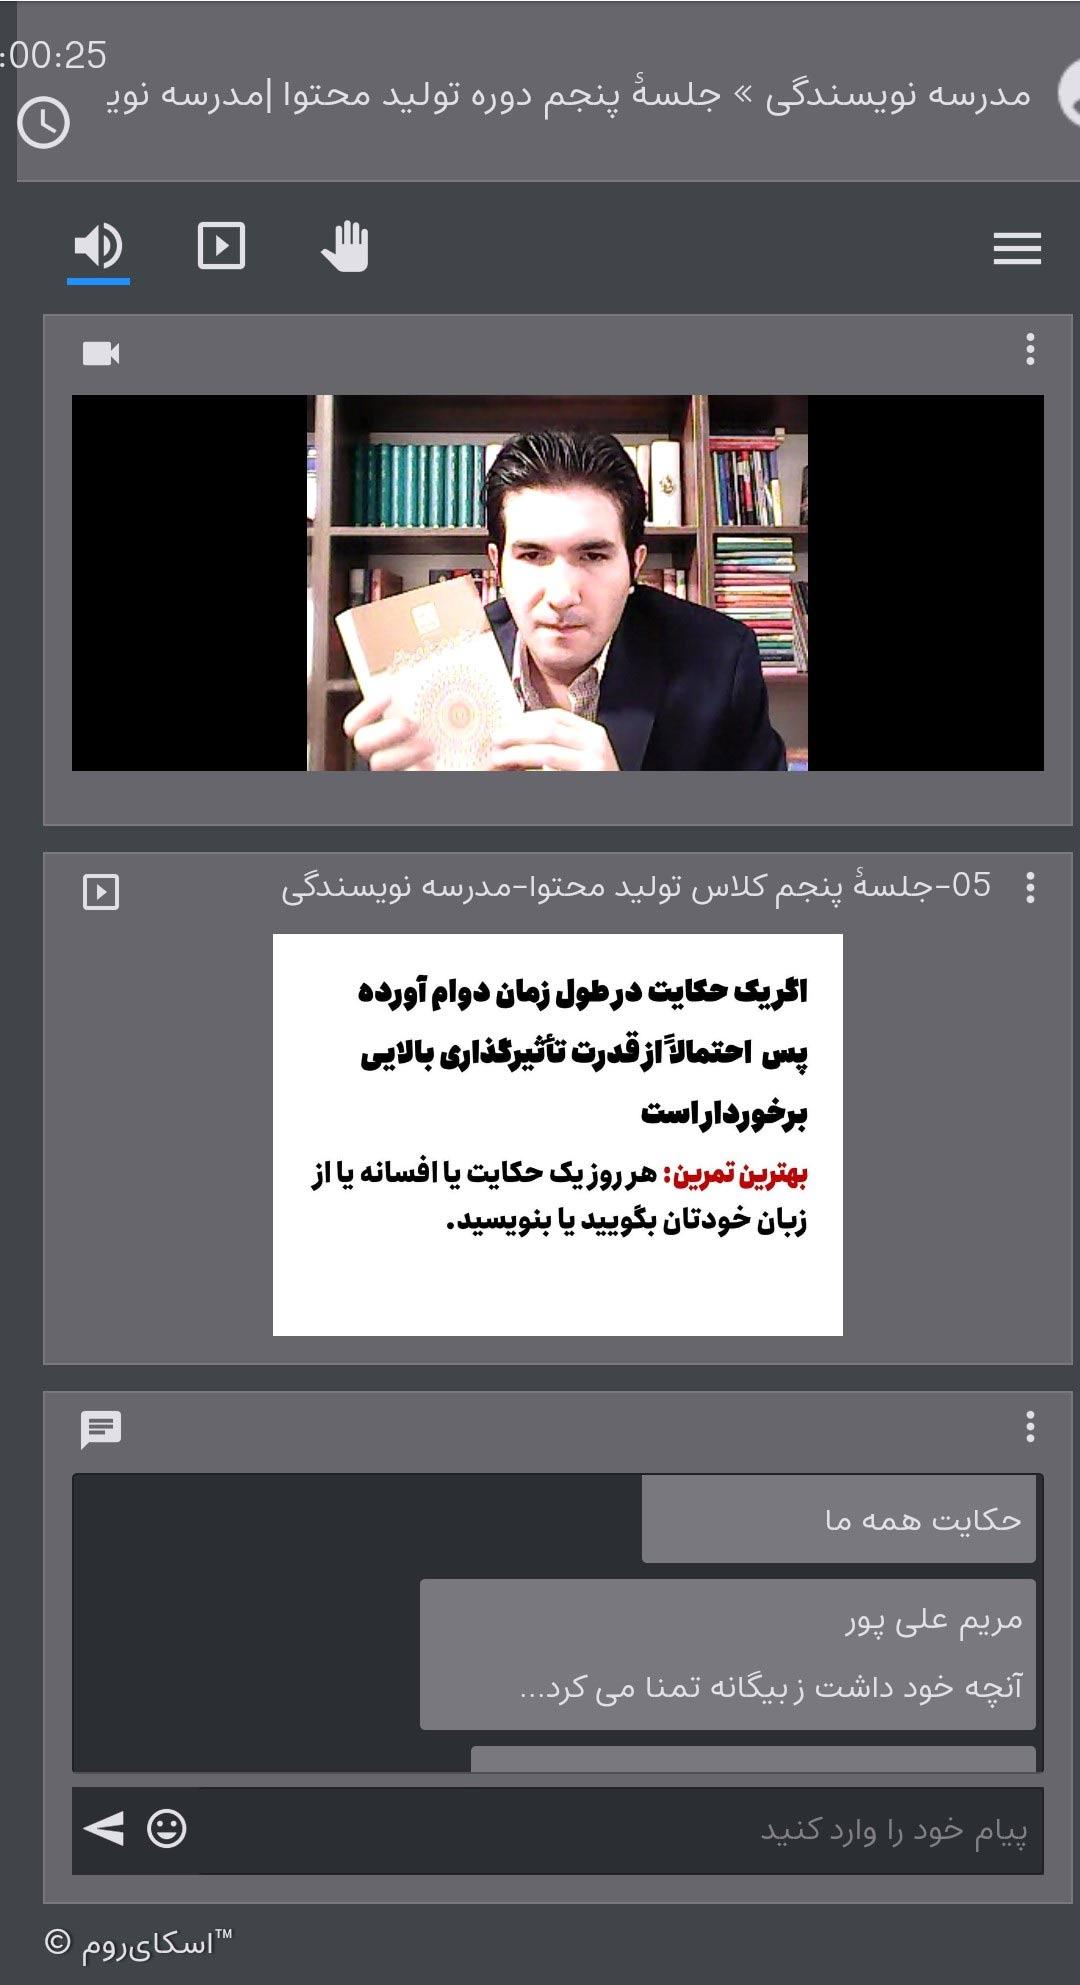 تولید محتوا و قصه و حکایت